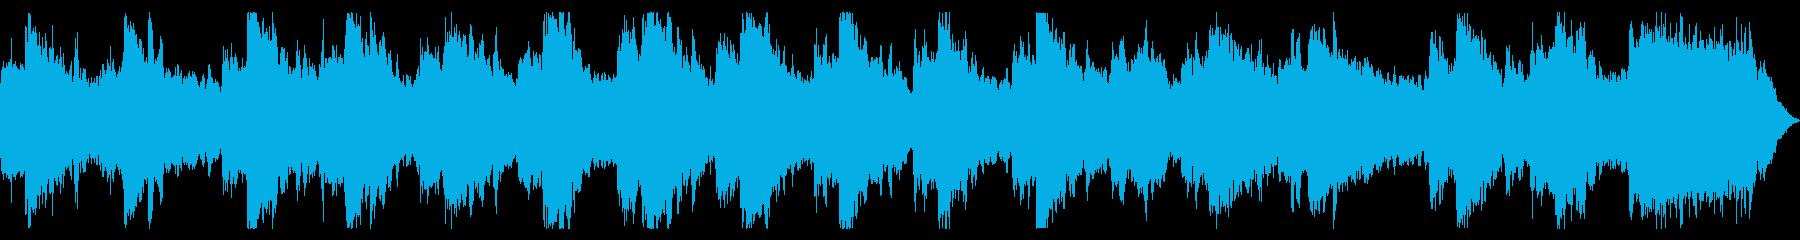 これらの美しい音とメロディーで表現...の再生済みの波形